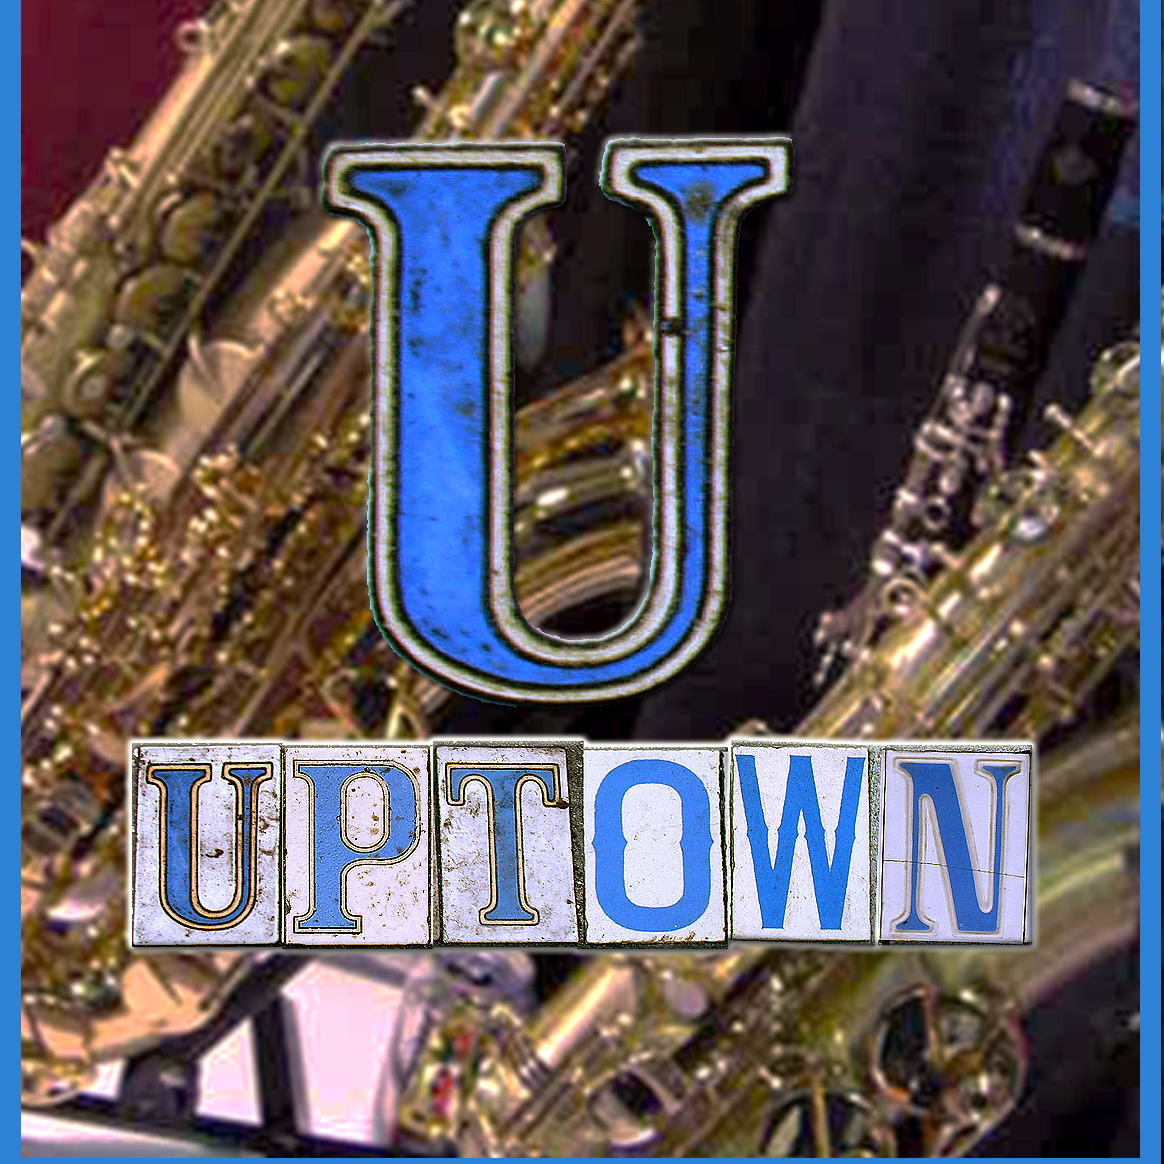 Uptown Jazz Network